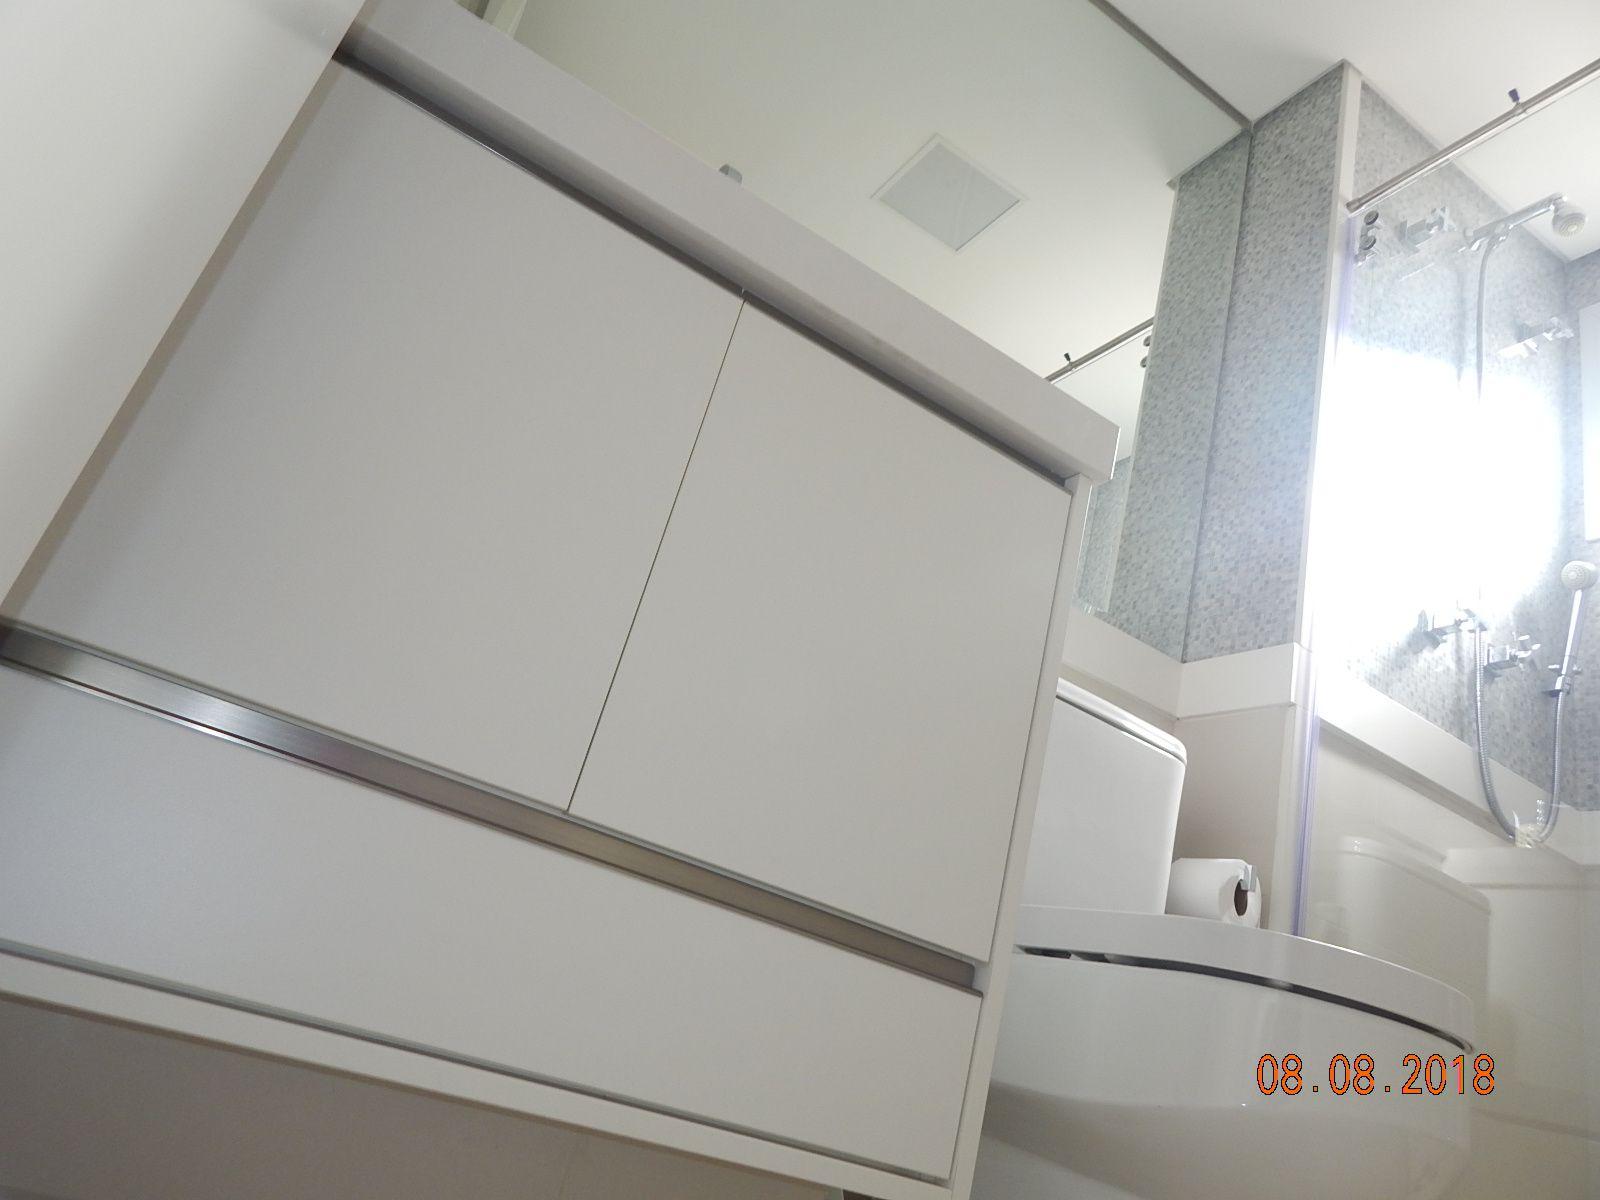 Apartamento Água Branca, São Paulo, SP À Venda, 3 Quartos, 168m² - VENDA0020 - 17